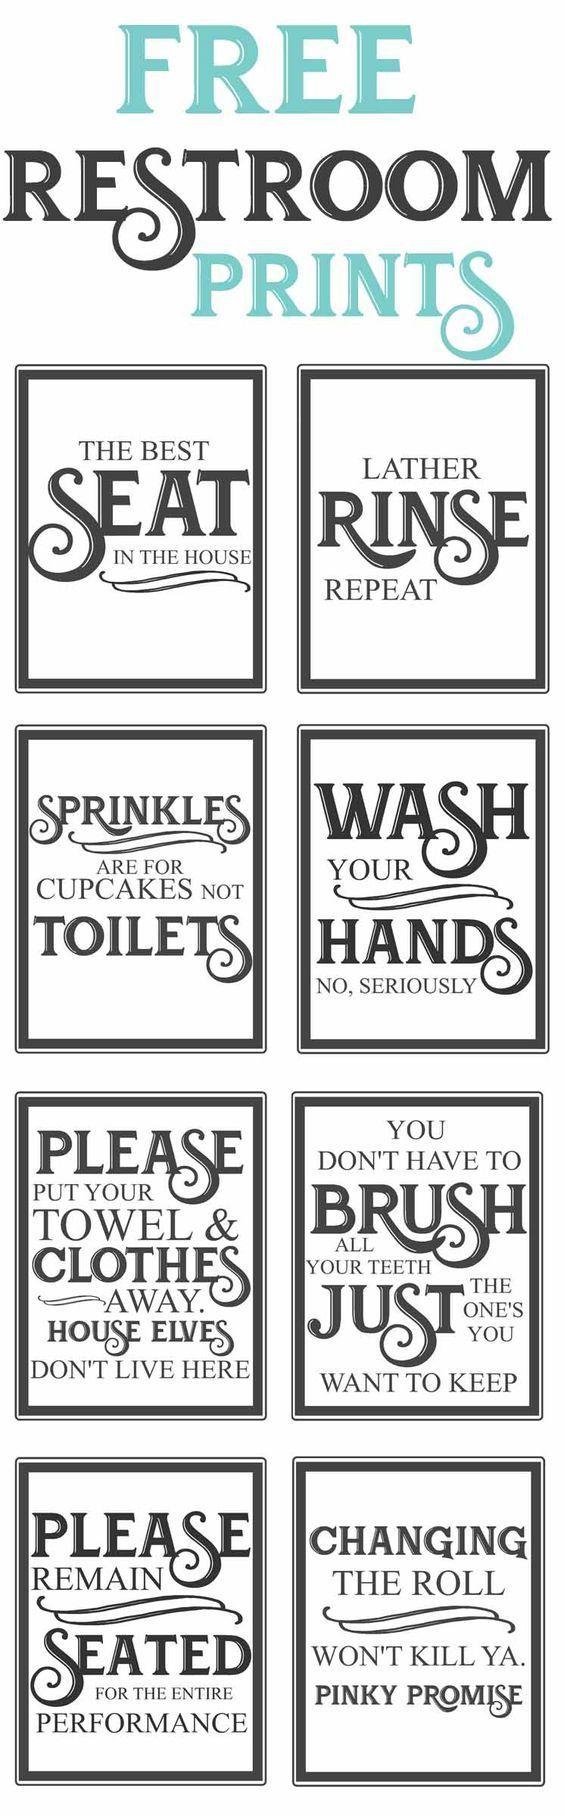 Free Vintage Bathroom Printables | Favorite Diy And Best Crafts - Free Printable Bathroom Pictures